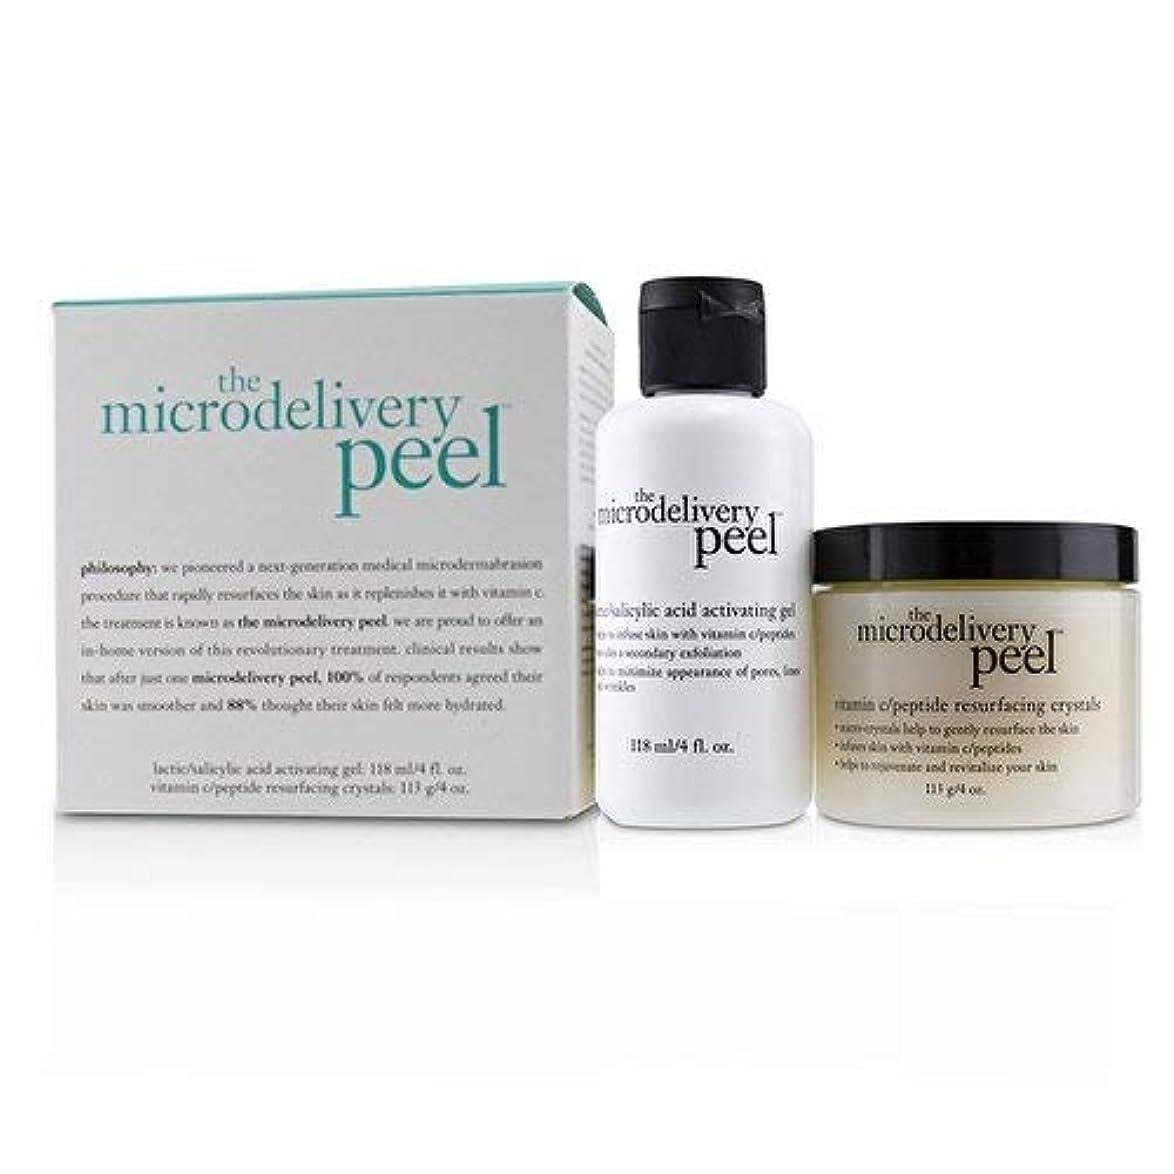 拡張とんでもない責任フィロソフィー The Microdelivery Peel: Lactic/Salicylic Acid Activating Gel 118ml + Vitamin C/Peptide Resurfacing Crystals 2pcs並行輸入品